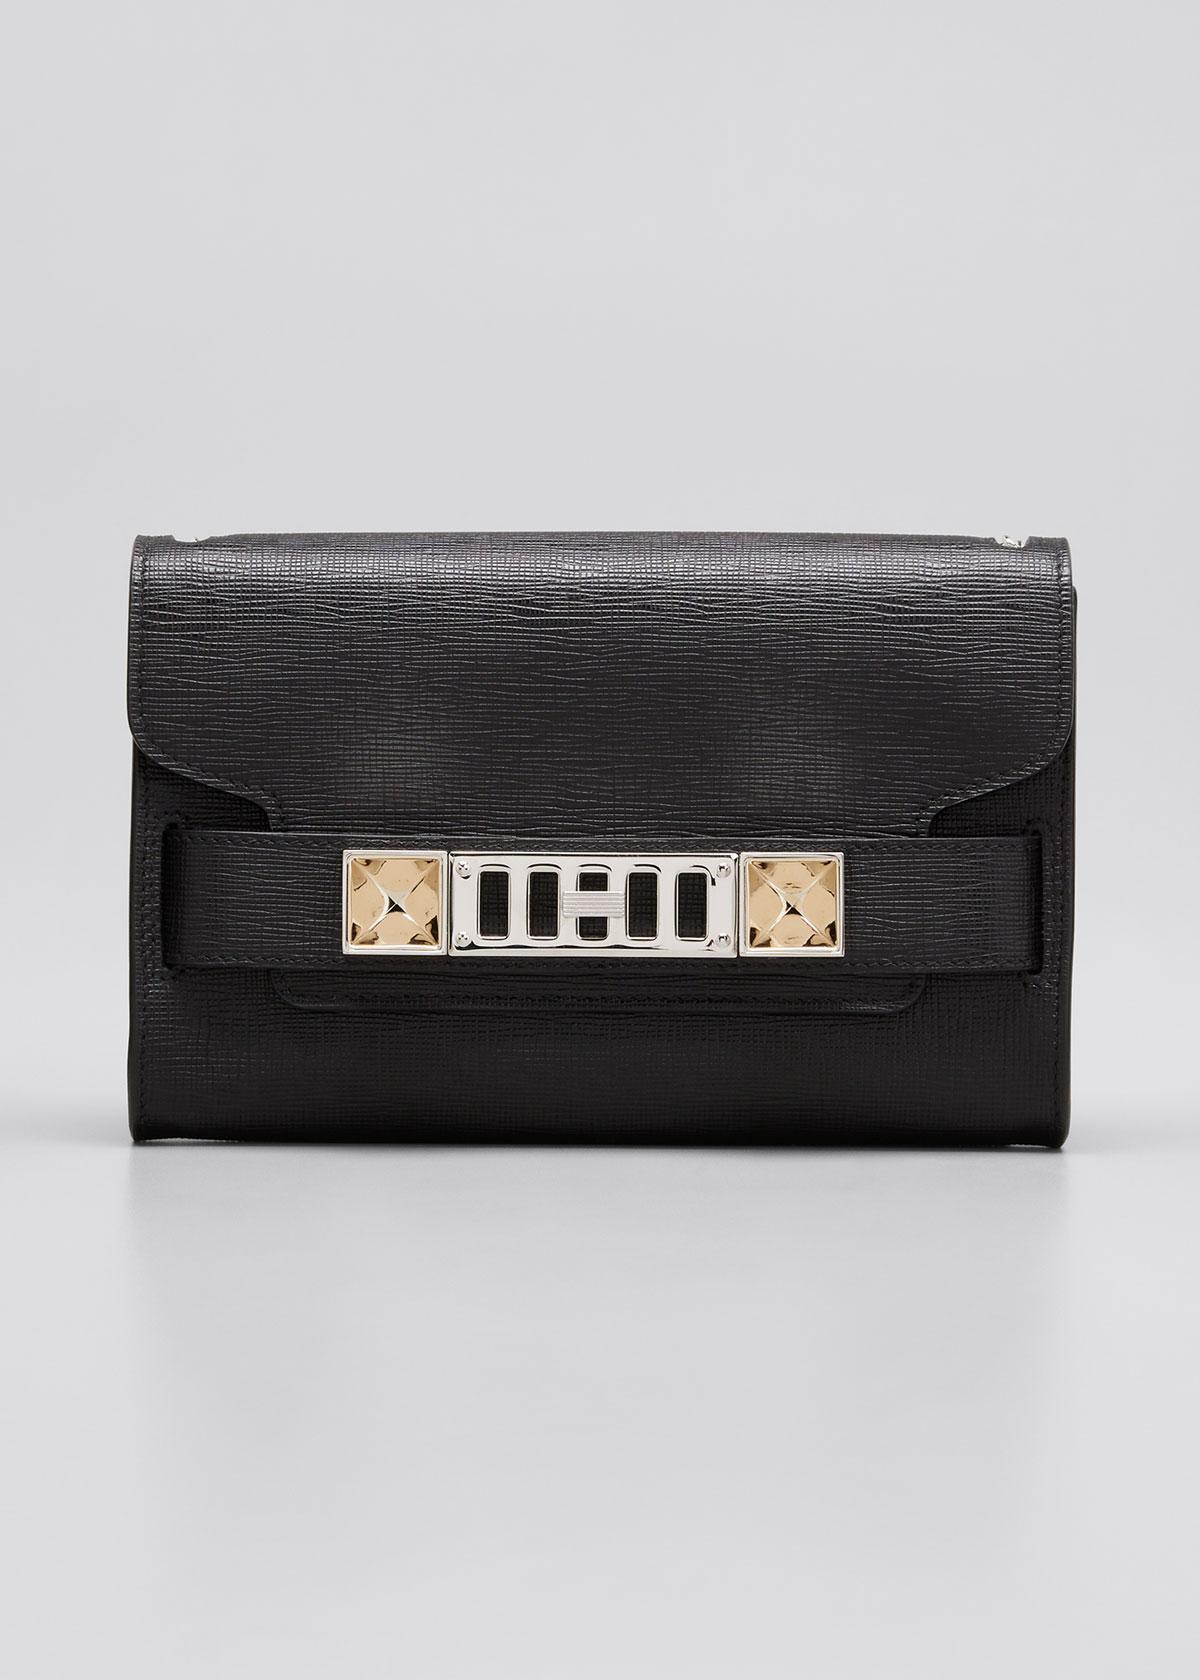 Proenza Schouler Chain Ps11 Clutch Bag In 0000 Black